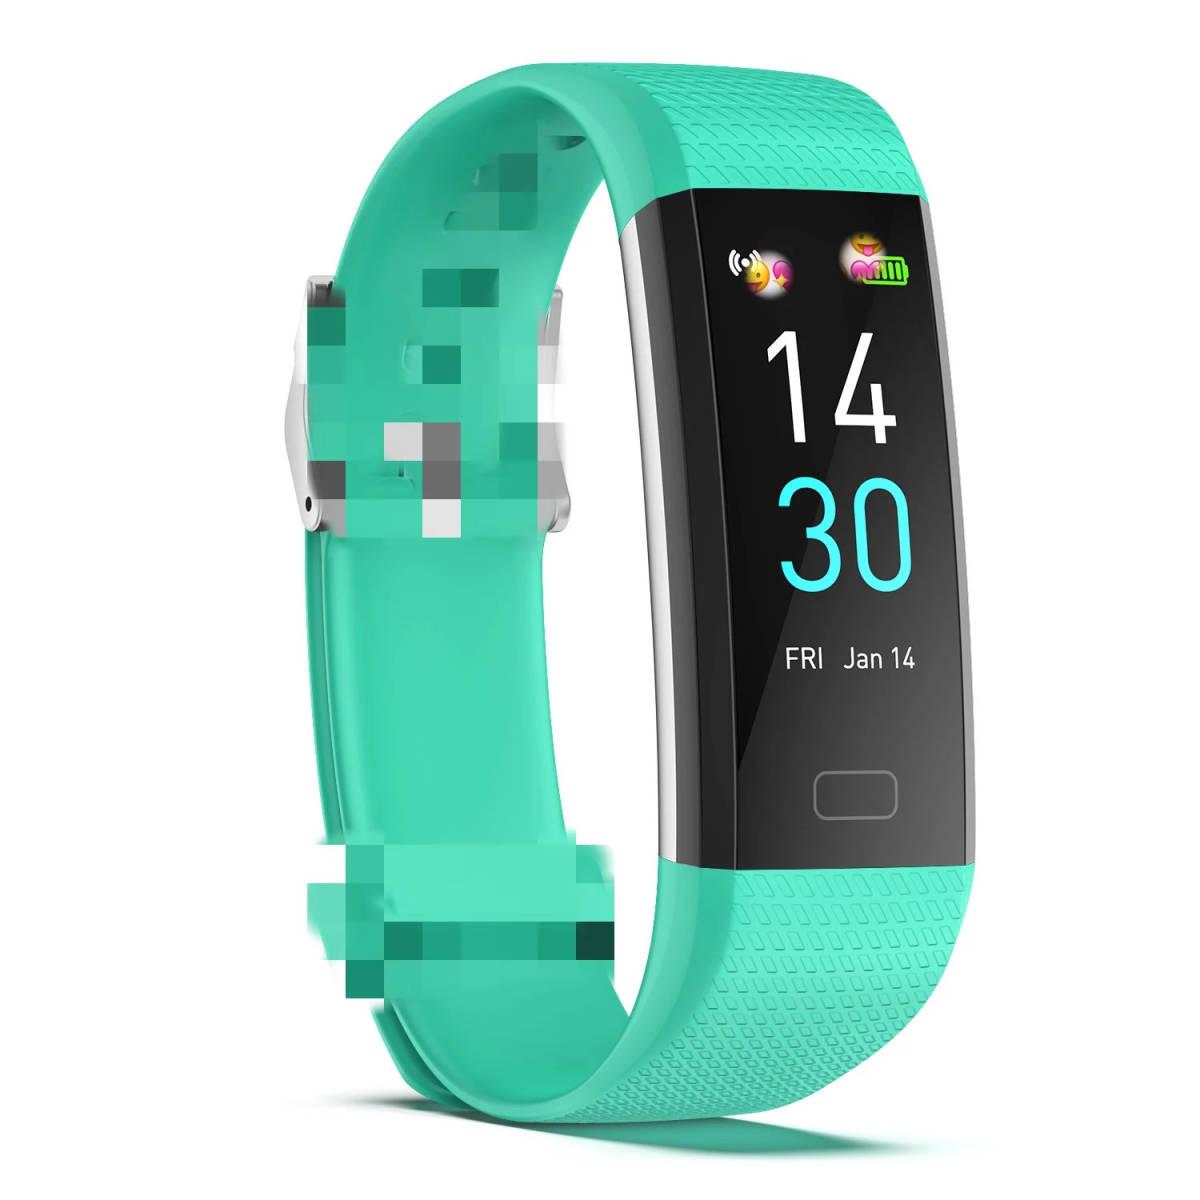 スマートバンド ブレスレット 体温測定 新品 S5スポーツスマート腕時計心拍数血圧と体温計測IP68防水ブレスレット男性 女性_画像8